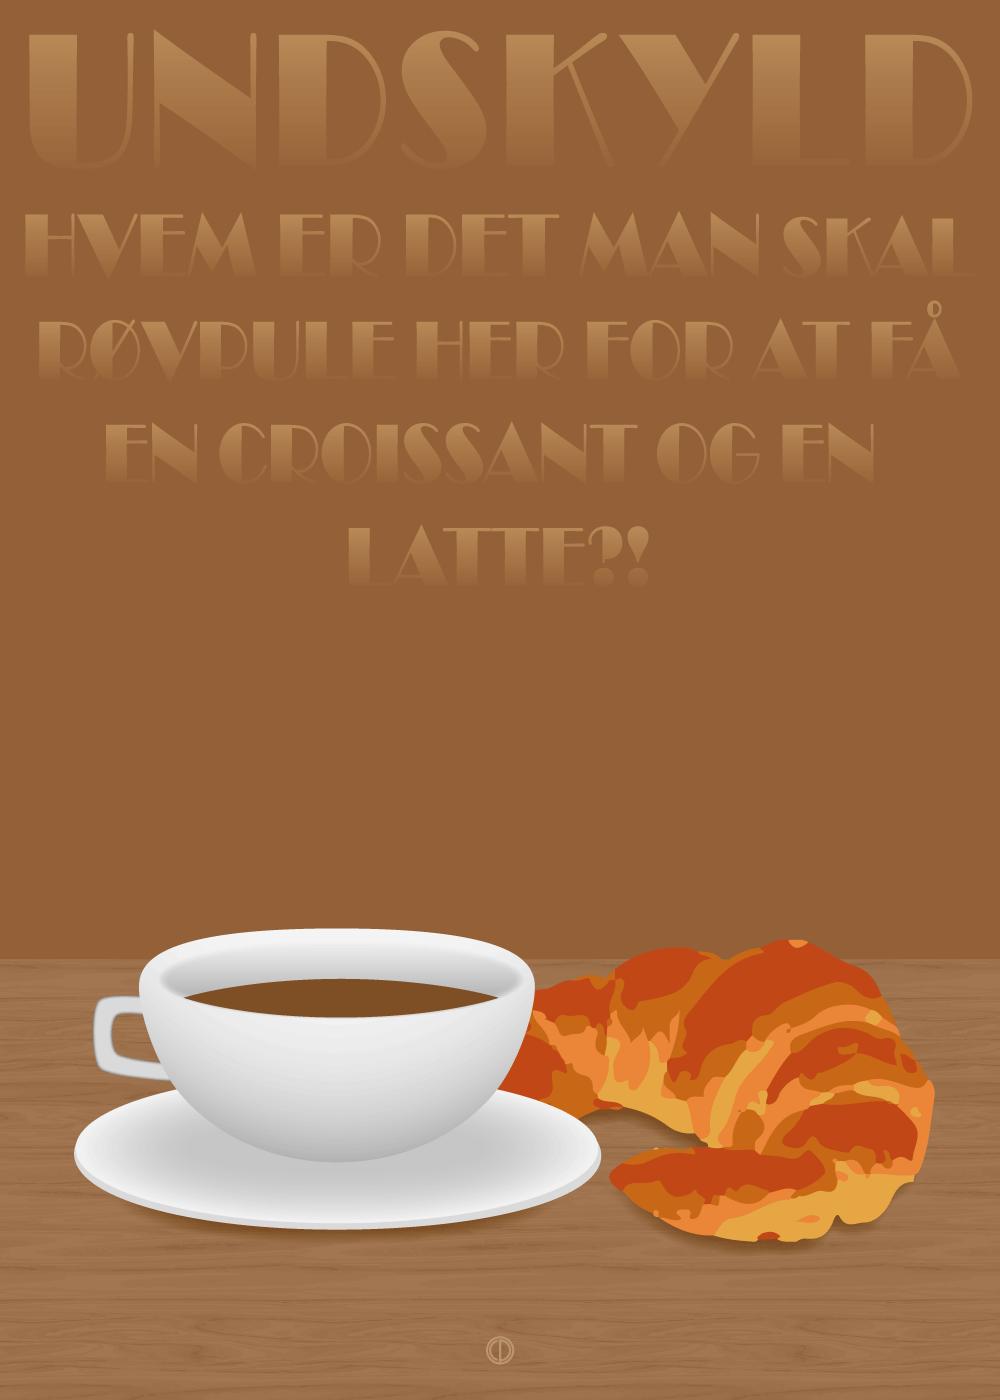 Køb En croissant og en latte